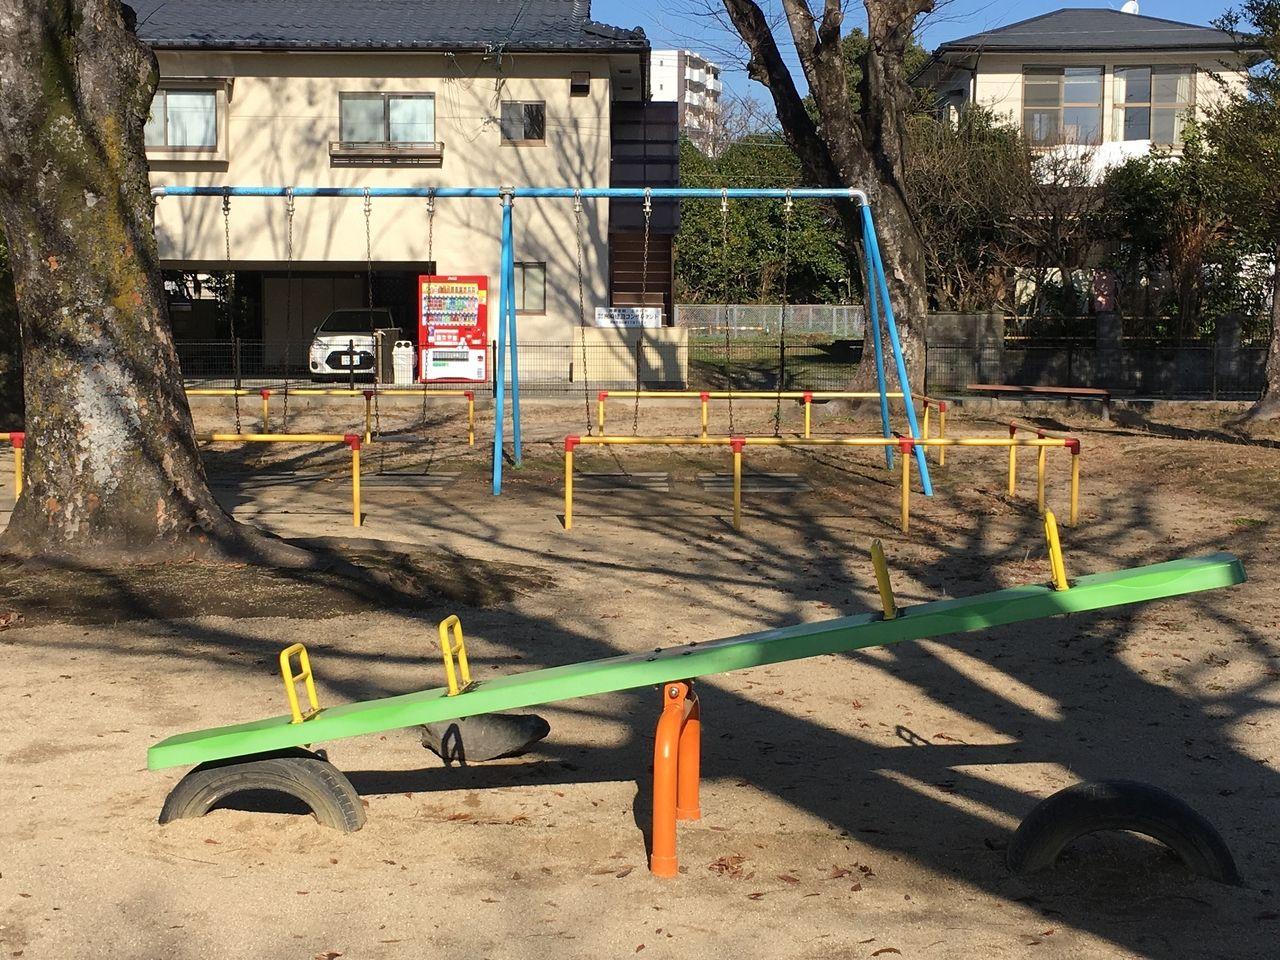 ブランコやシーソーでも、暖かくなると子どもたちの遊ぶ姿がみえます。